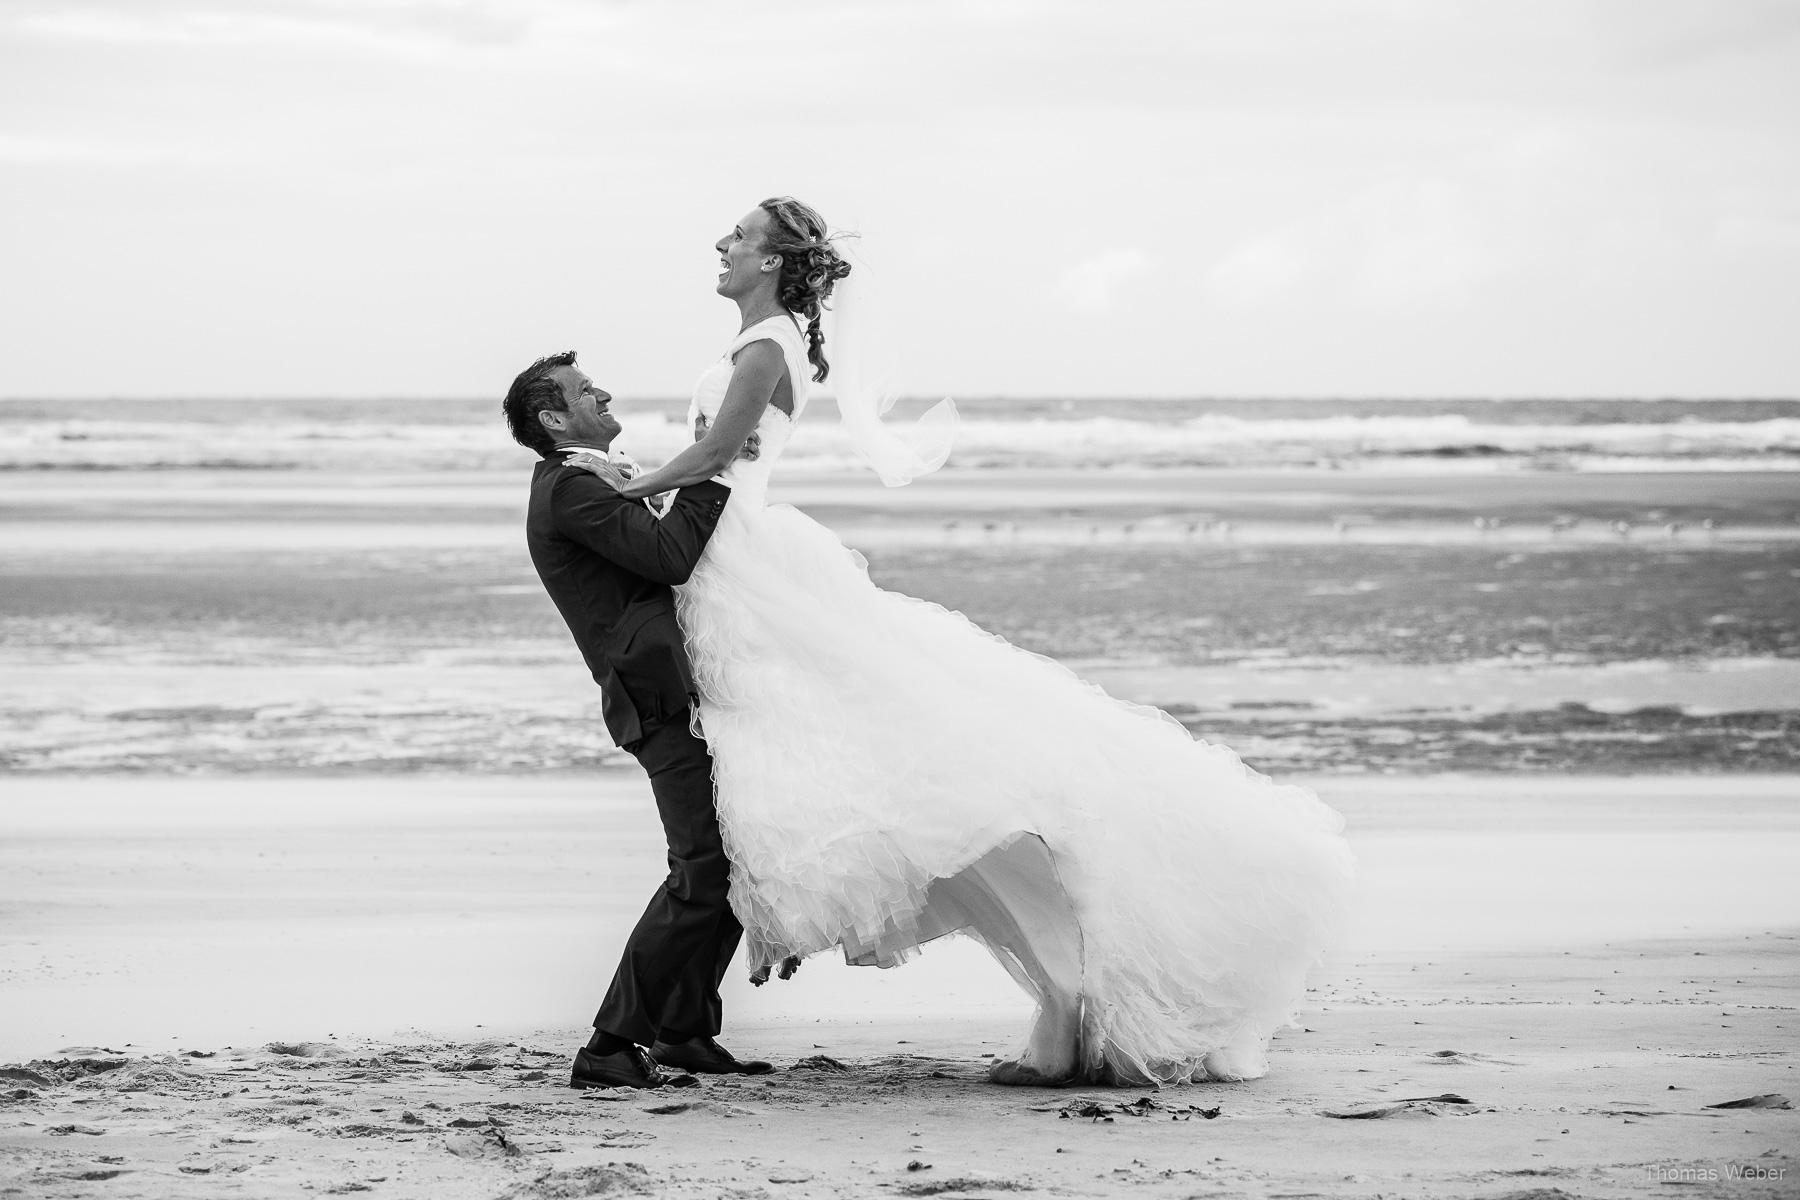 Hochzeitsfotograf auf Wangerooge, Hochzeitsfotos mit Brautkleid am Strand, Hochzeitsfotograf Thomas Weber aus Oldenburg